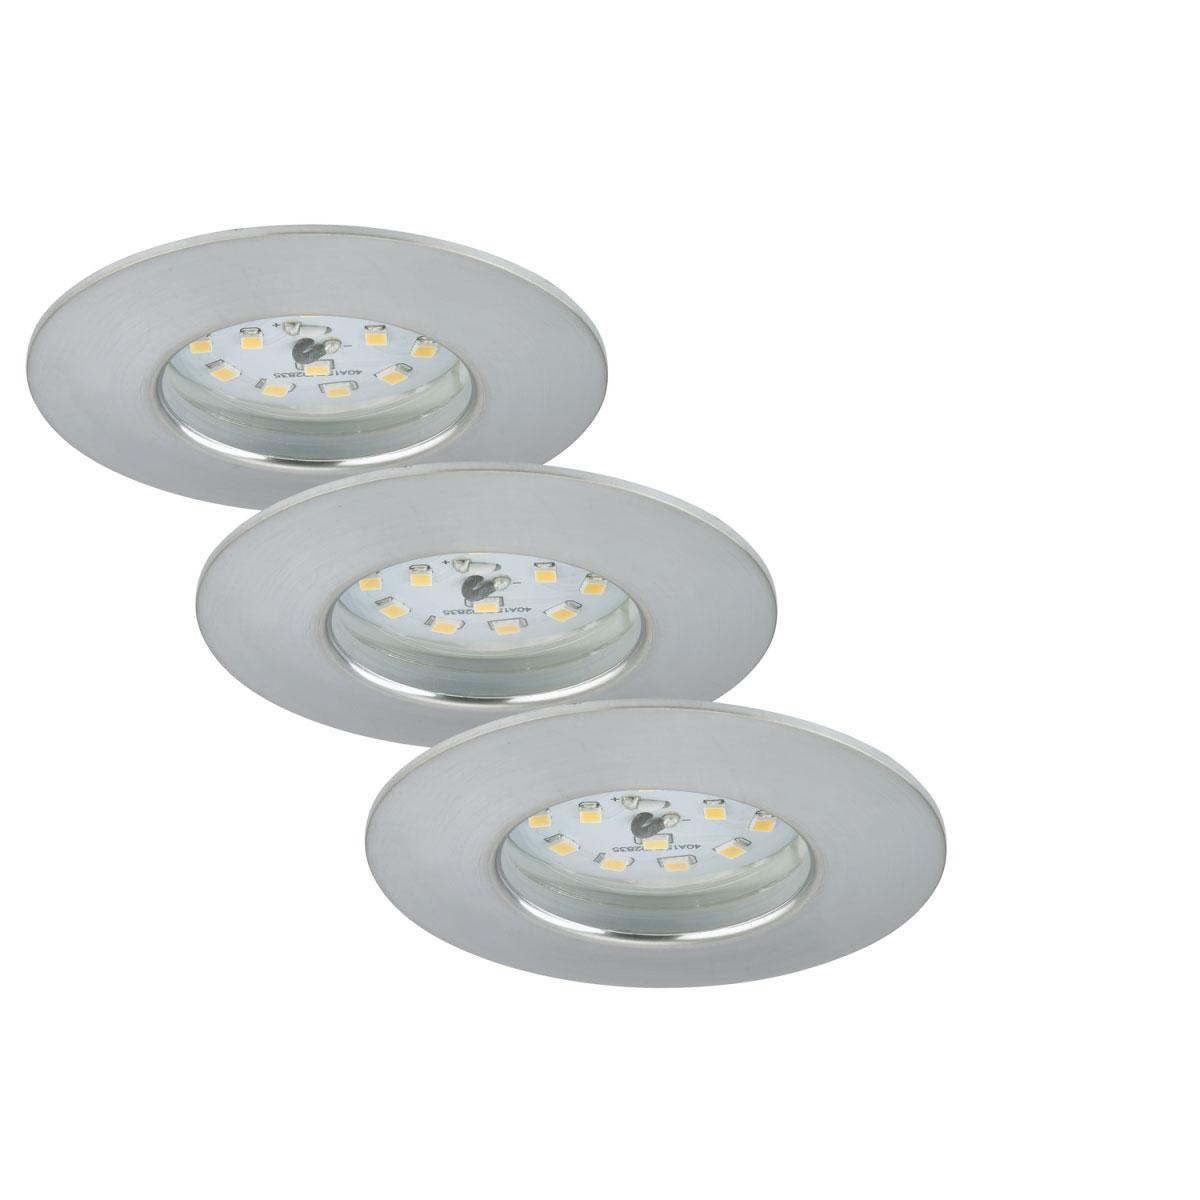 Deckenleuchten - LED Einbauleuchten Set, Aluminium, Modul, rund  - Onlineshop Hellweg